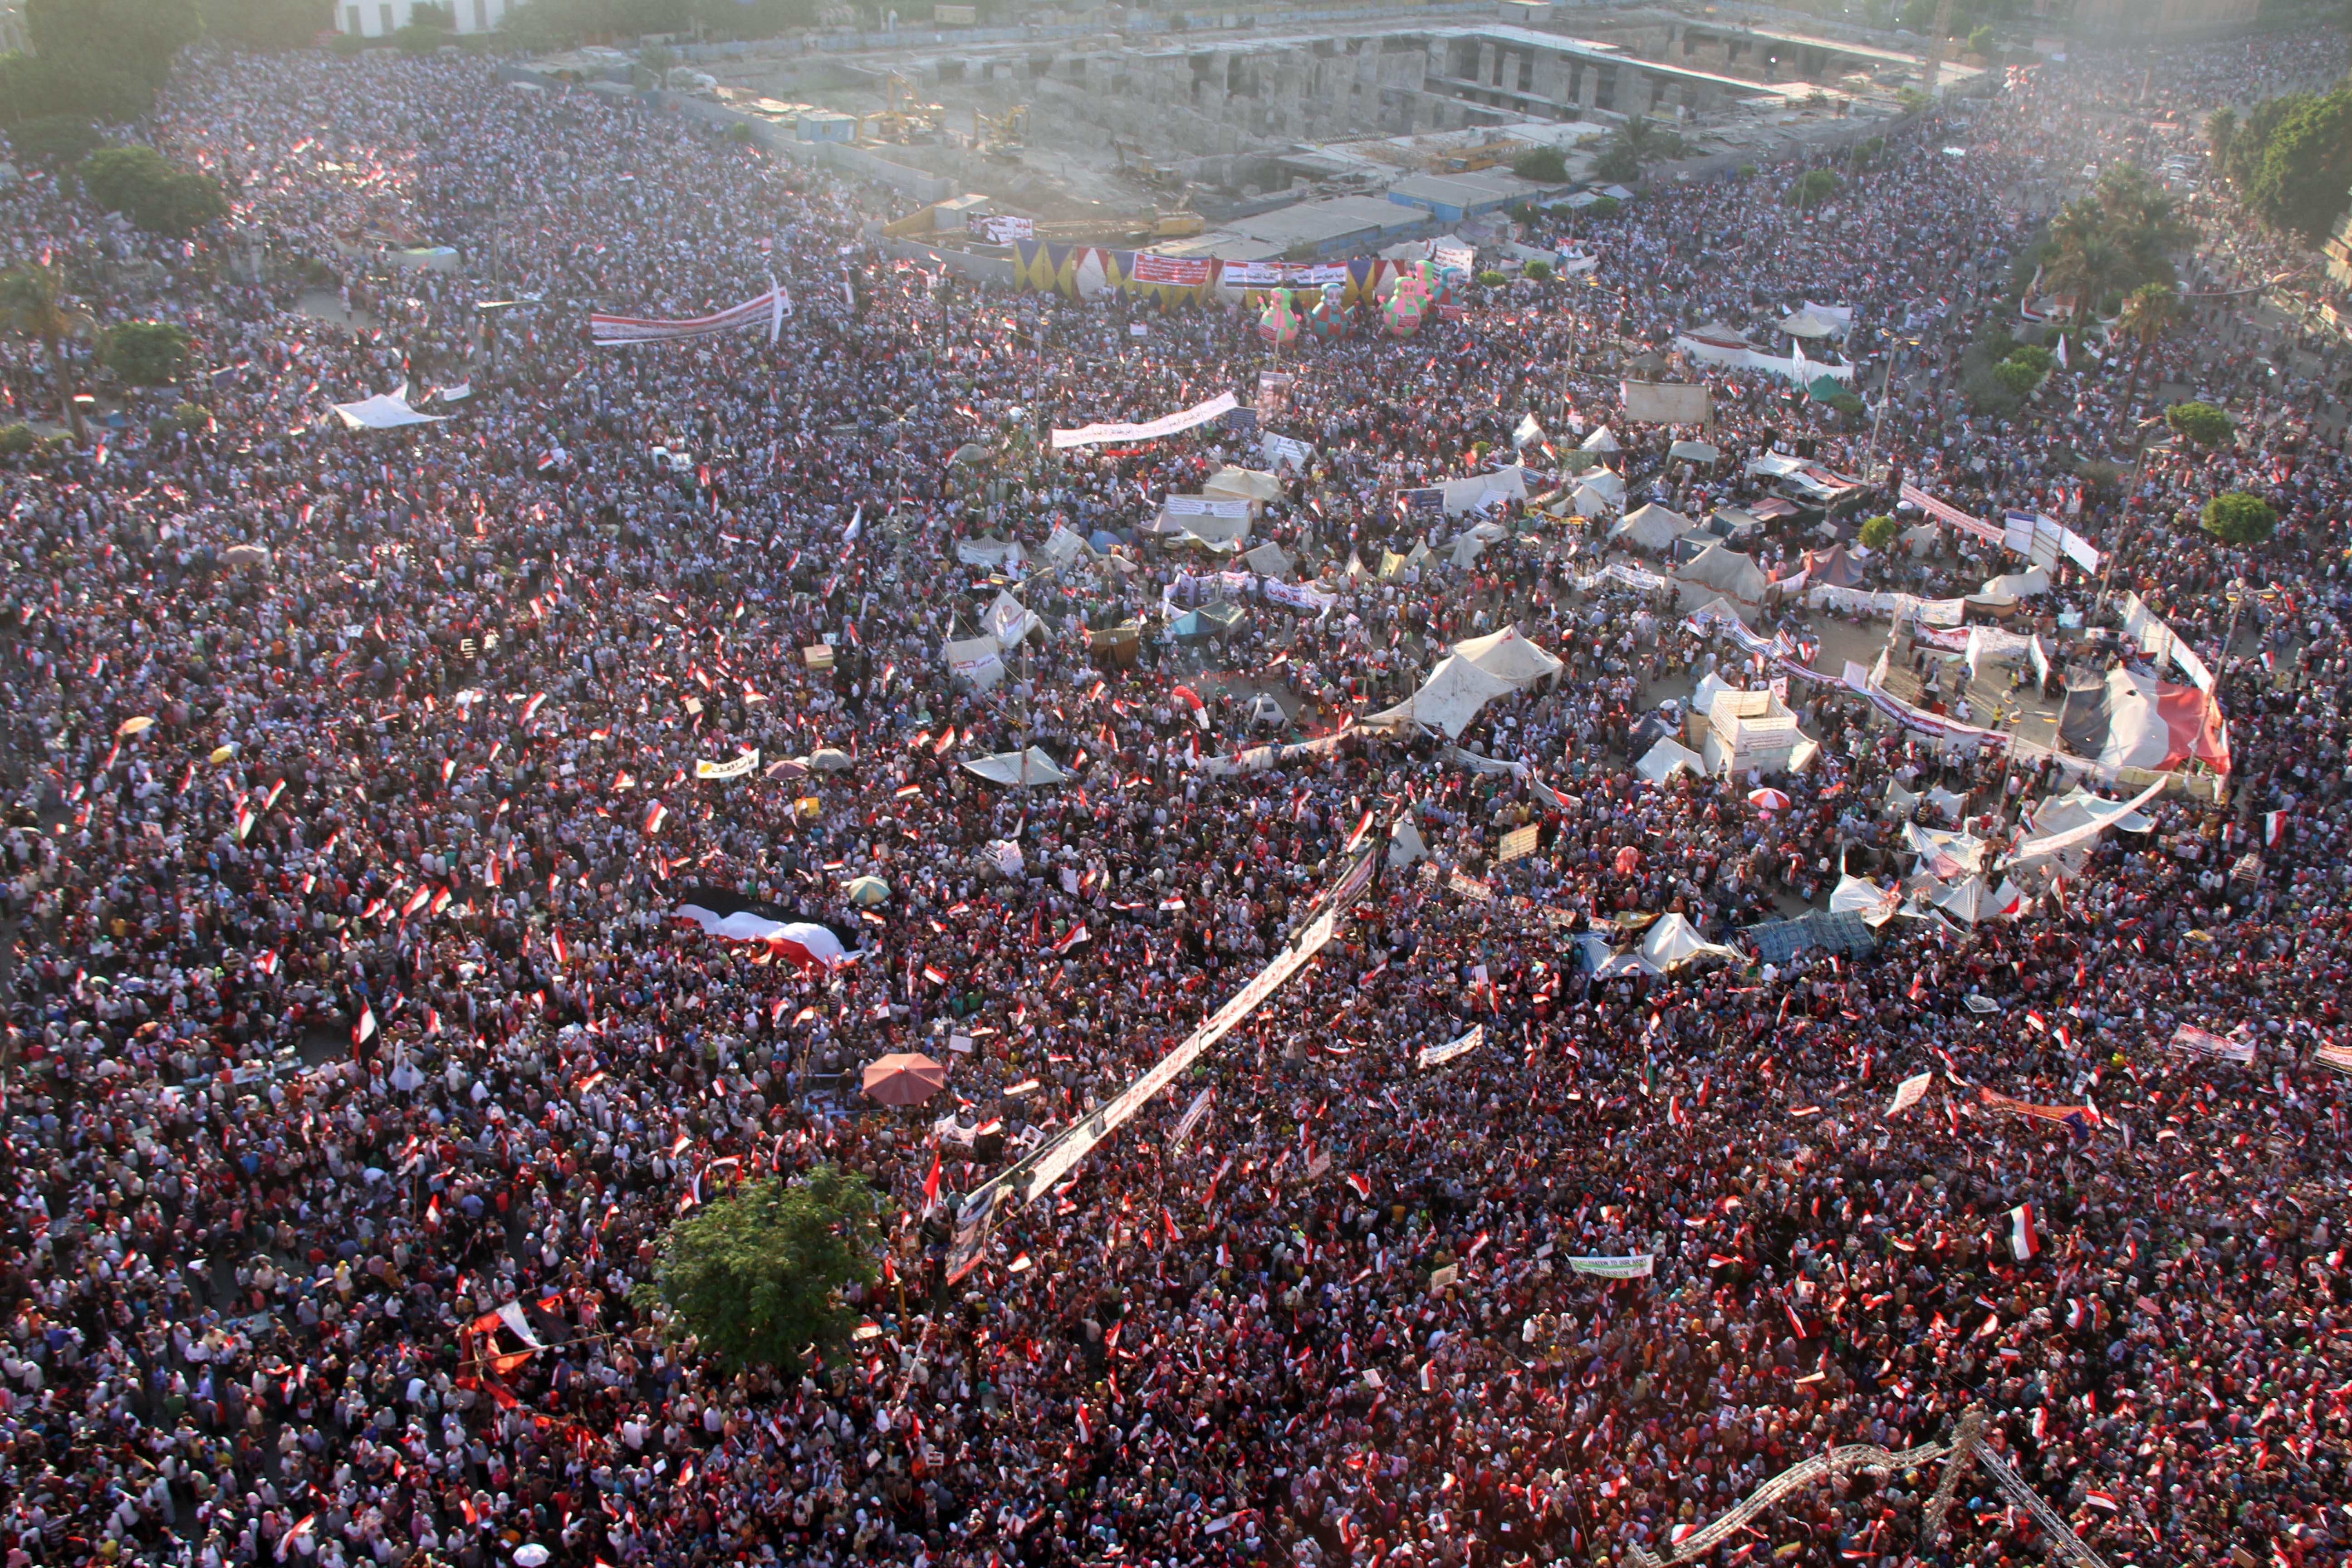 إخوان مصر ينفون أي لقاء مع مسؤولين سعوديين للتوسط مع نظام السيسي